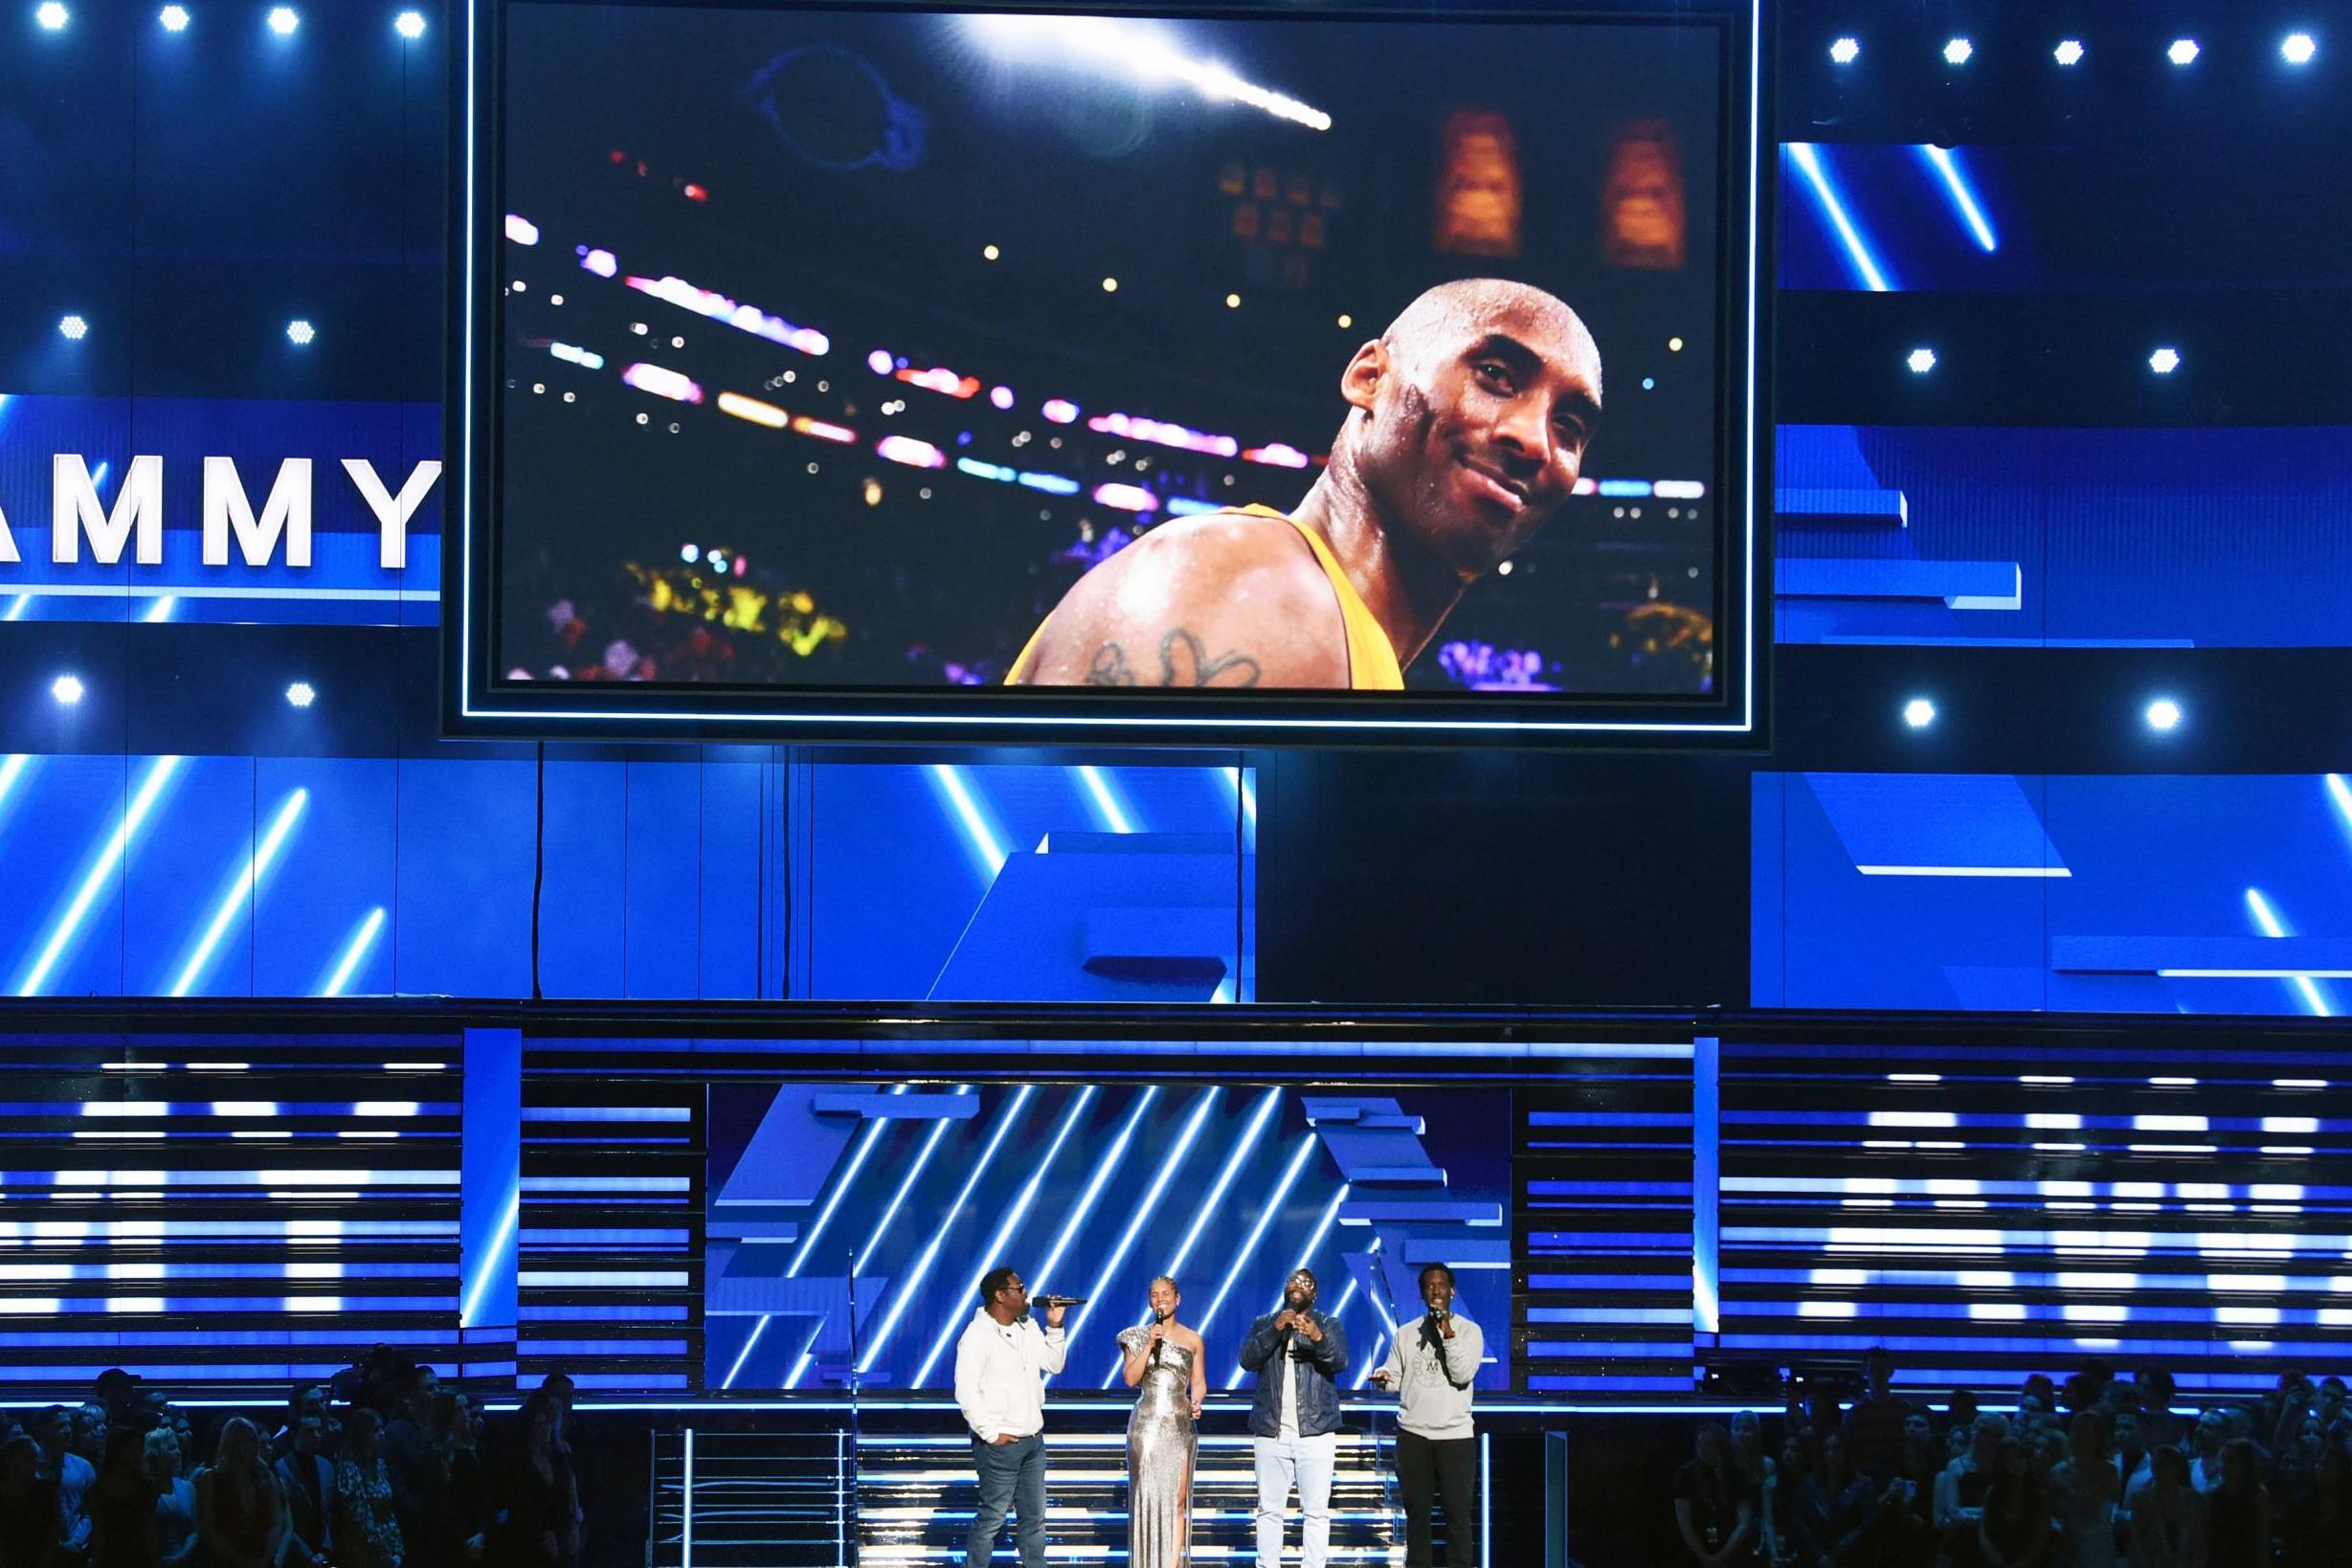 Grammys 2020: Alicia Keys and Boyz II Men pay powerful tribute to Kobe Bryant